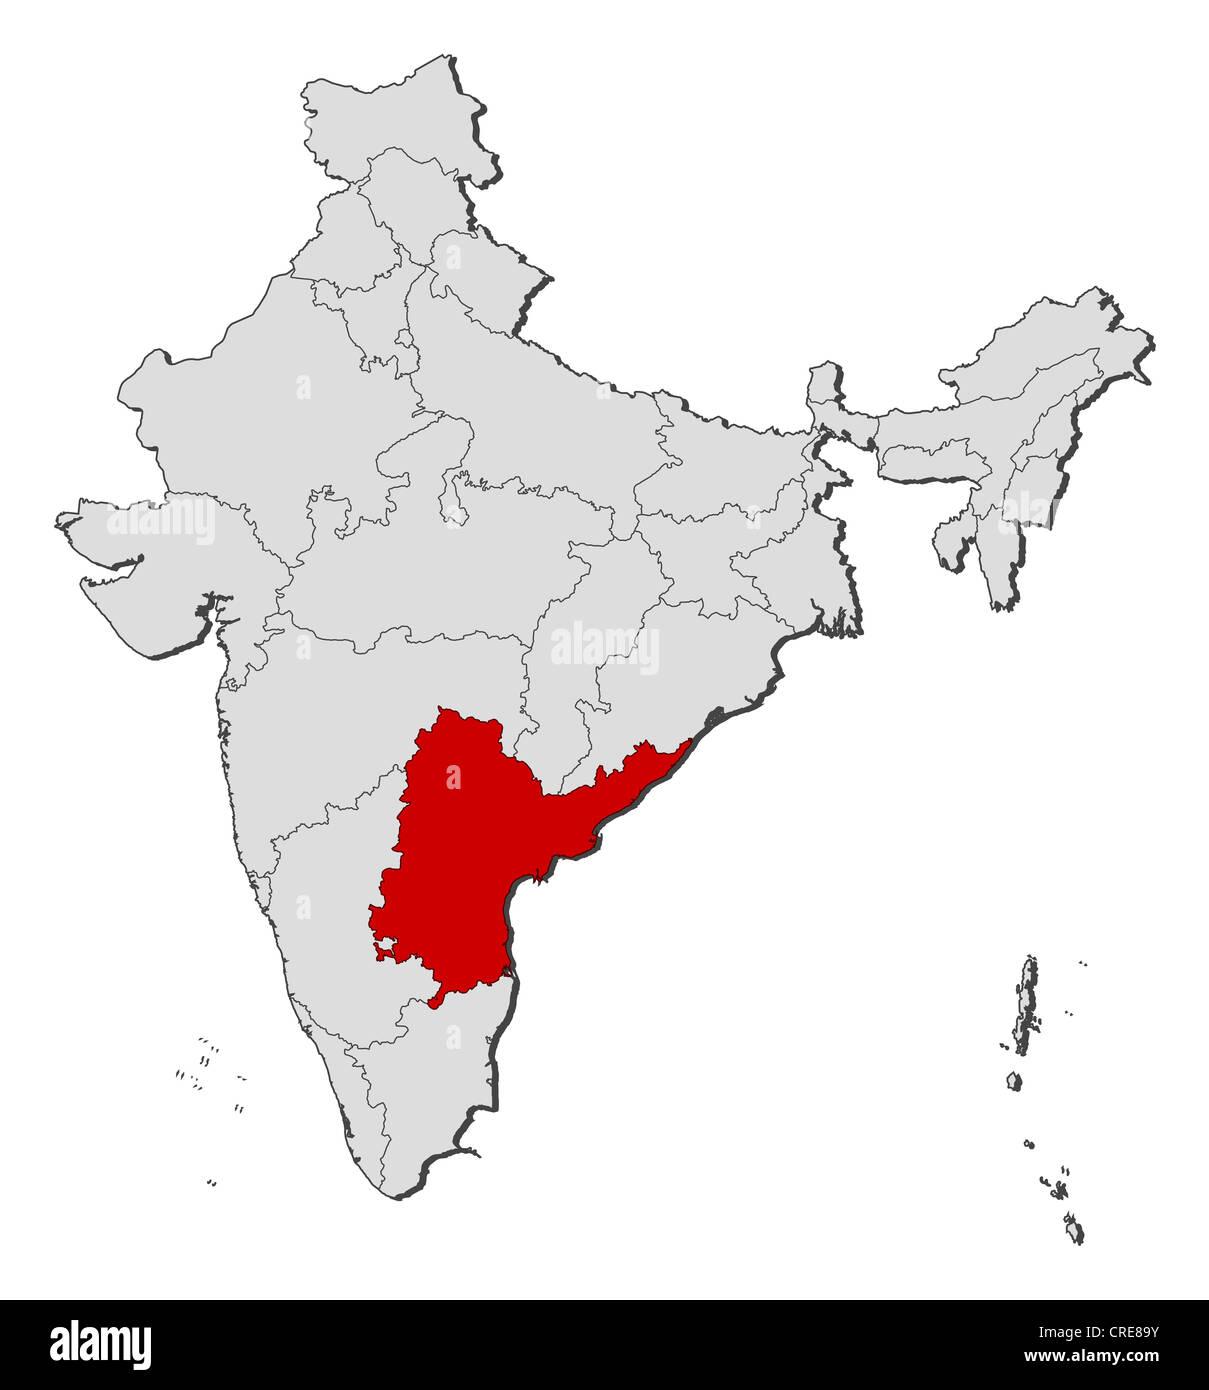 Carte politique de l'Inde avec les divers États où l'Andhra Pradesh est mis en évidence. Photo Stock